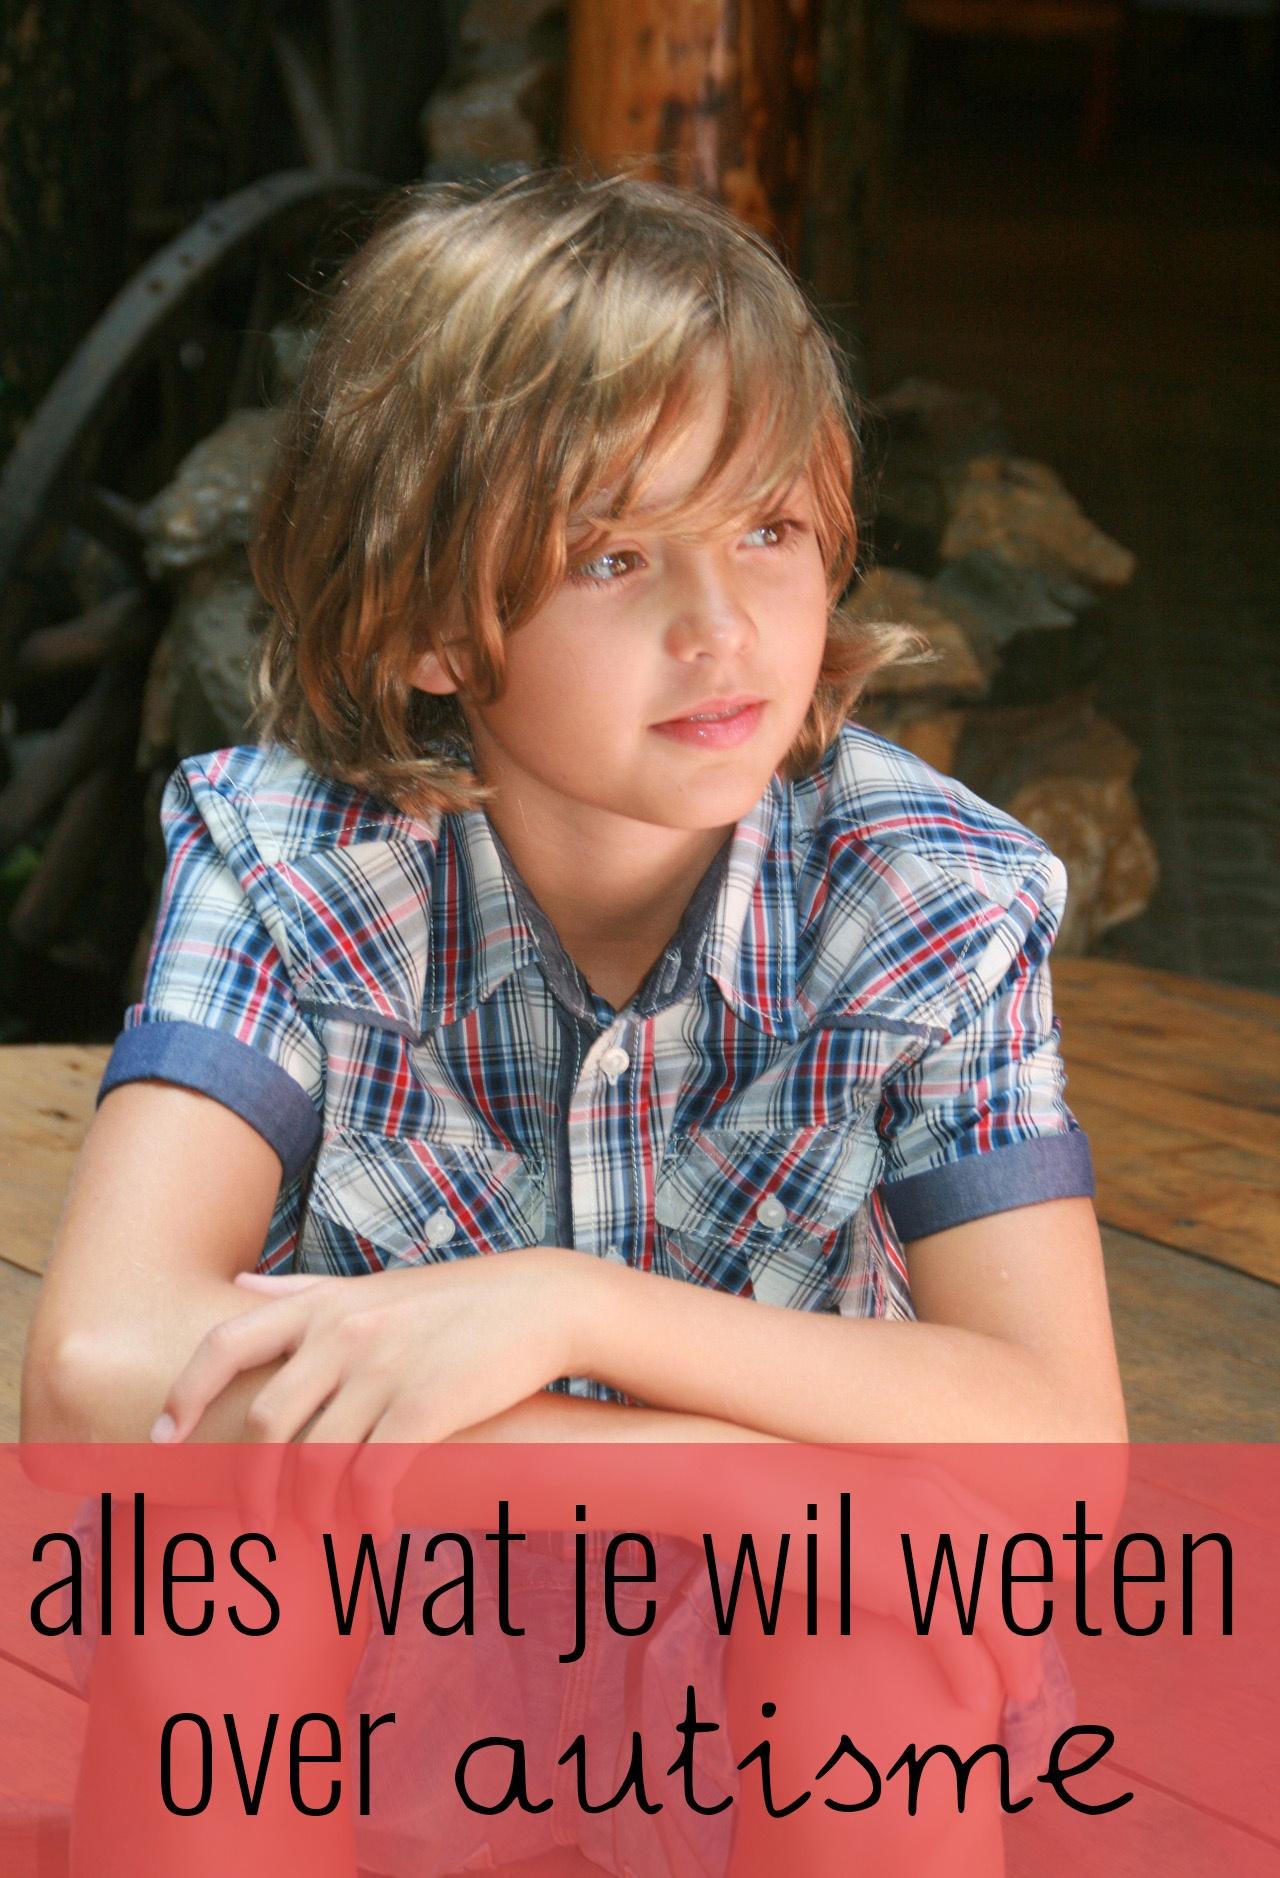 Alles wat je wilde weten over autisme